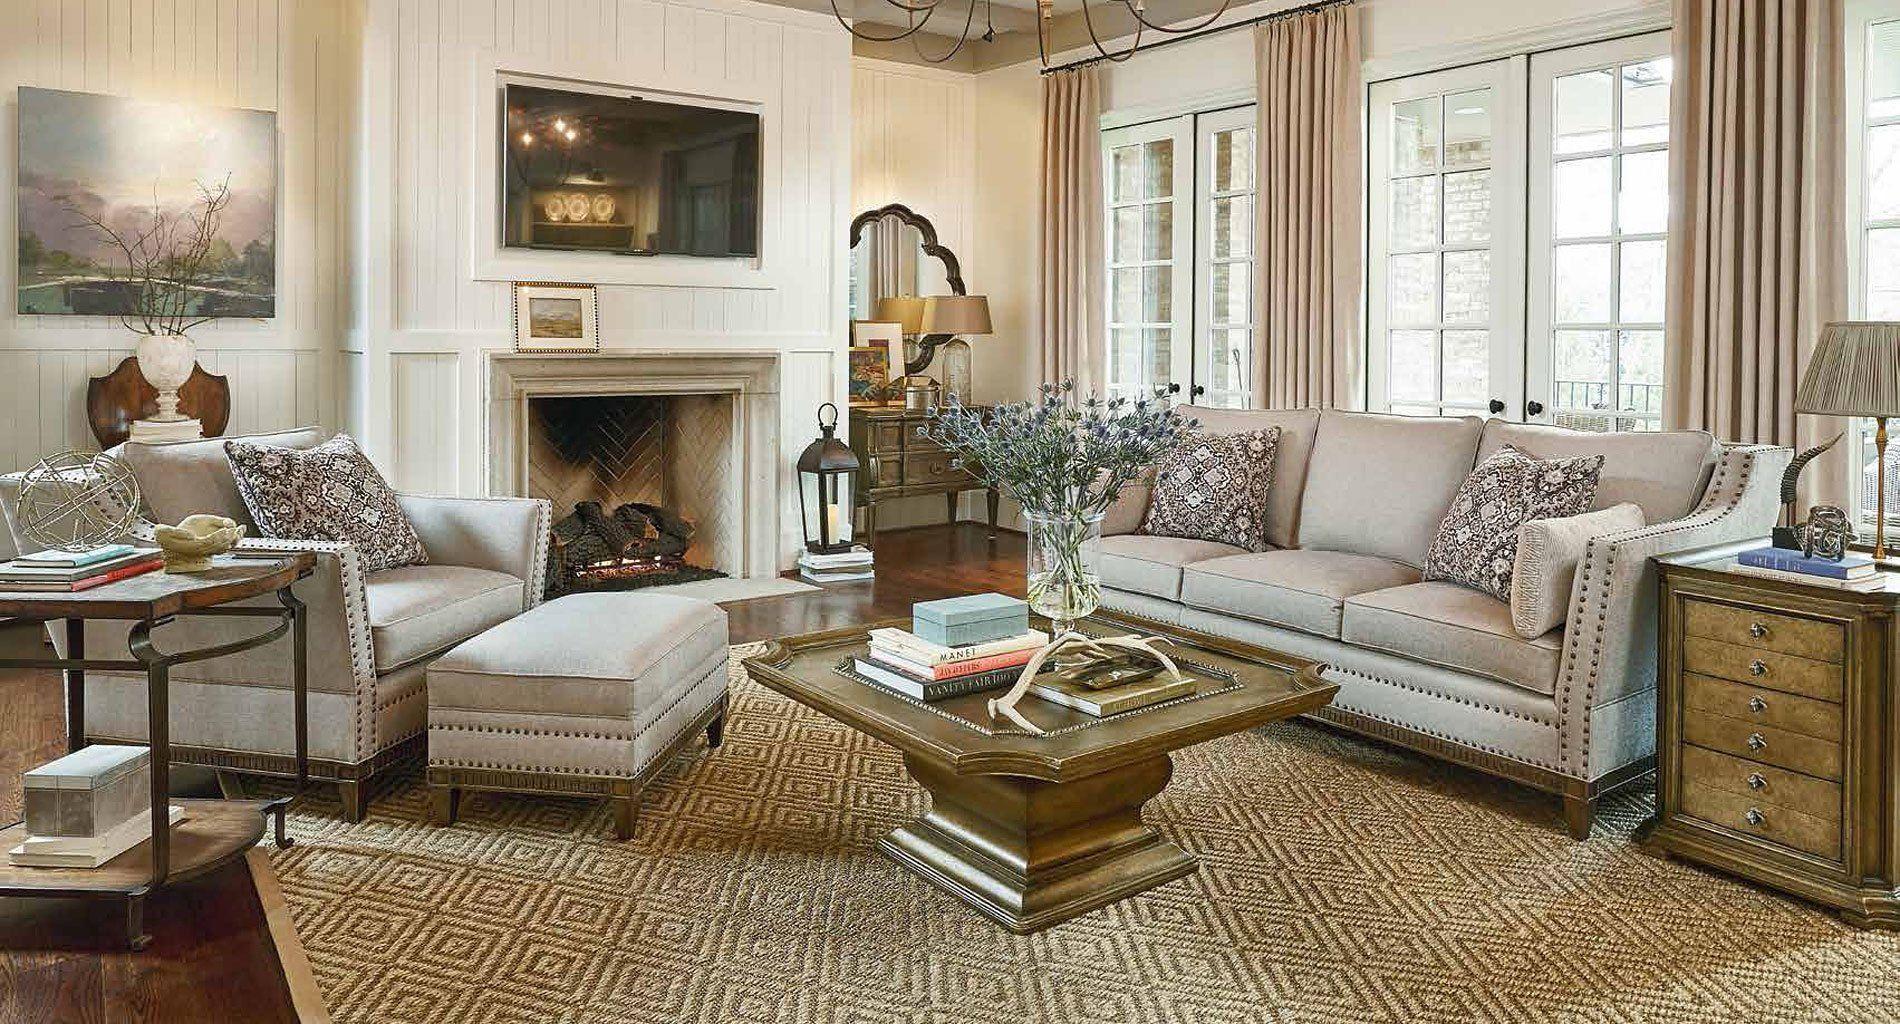 Empyrean Sky Living Room Set Living Room Sets Furniture Luxury Living Room #traditional #furniture #living #room #sets